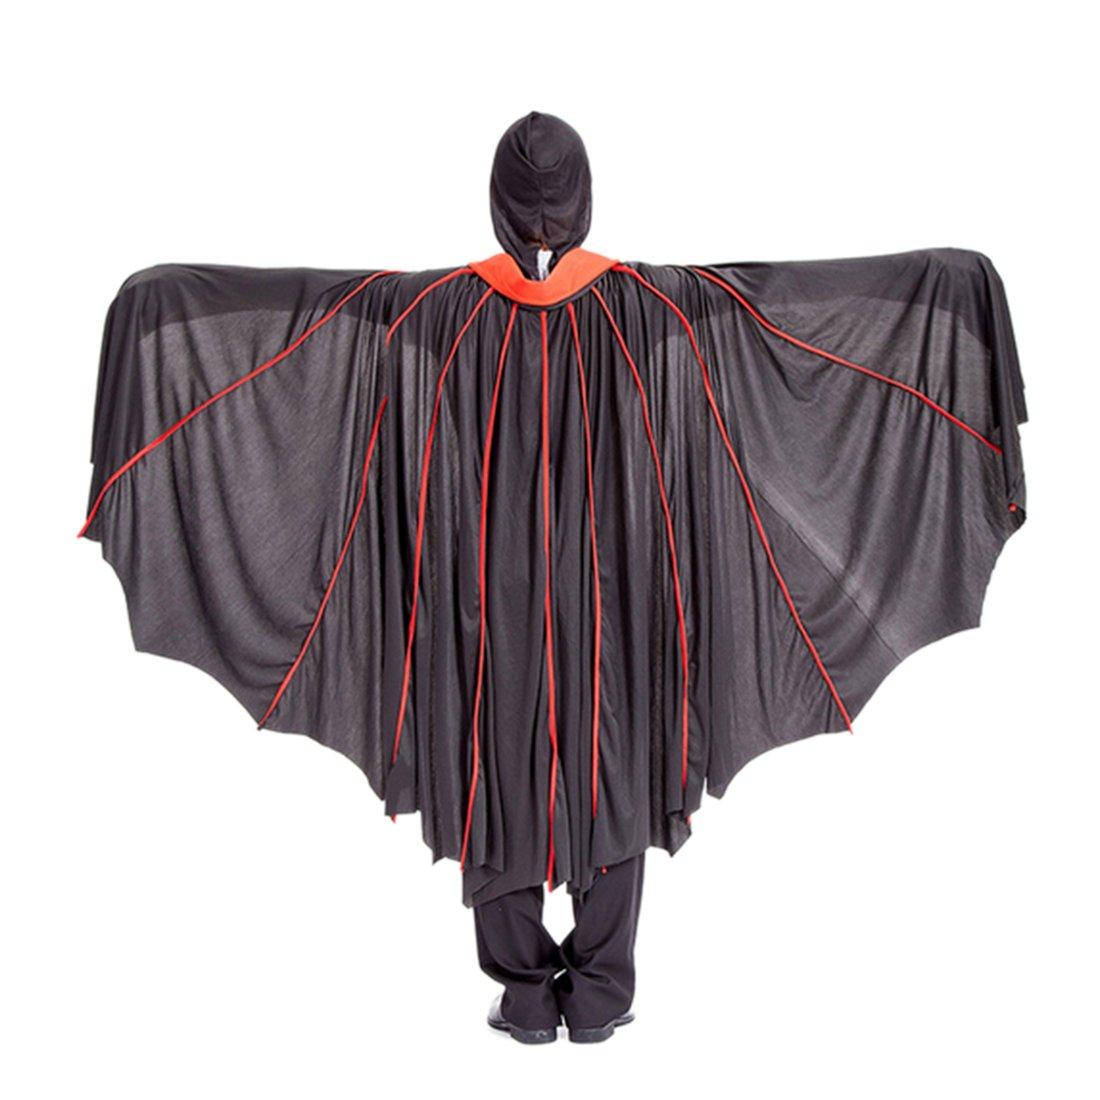 BANYANN Halloween Cosplay DekorPartei Kleidung vertikale Streifen Mantel Cosplay Teufel Umhang mit Maske und Nagel Set - rot + schwarz